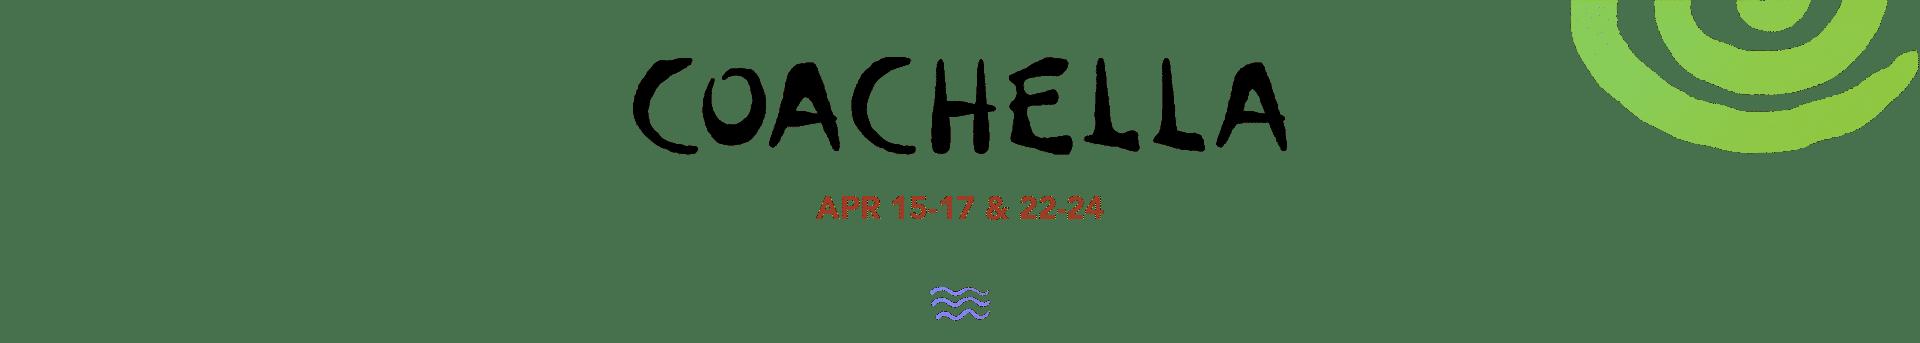 Coachella 2022 Platinum Estates